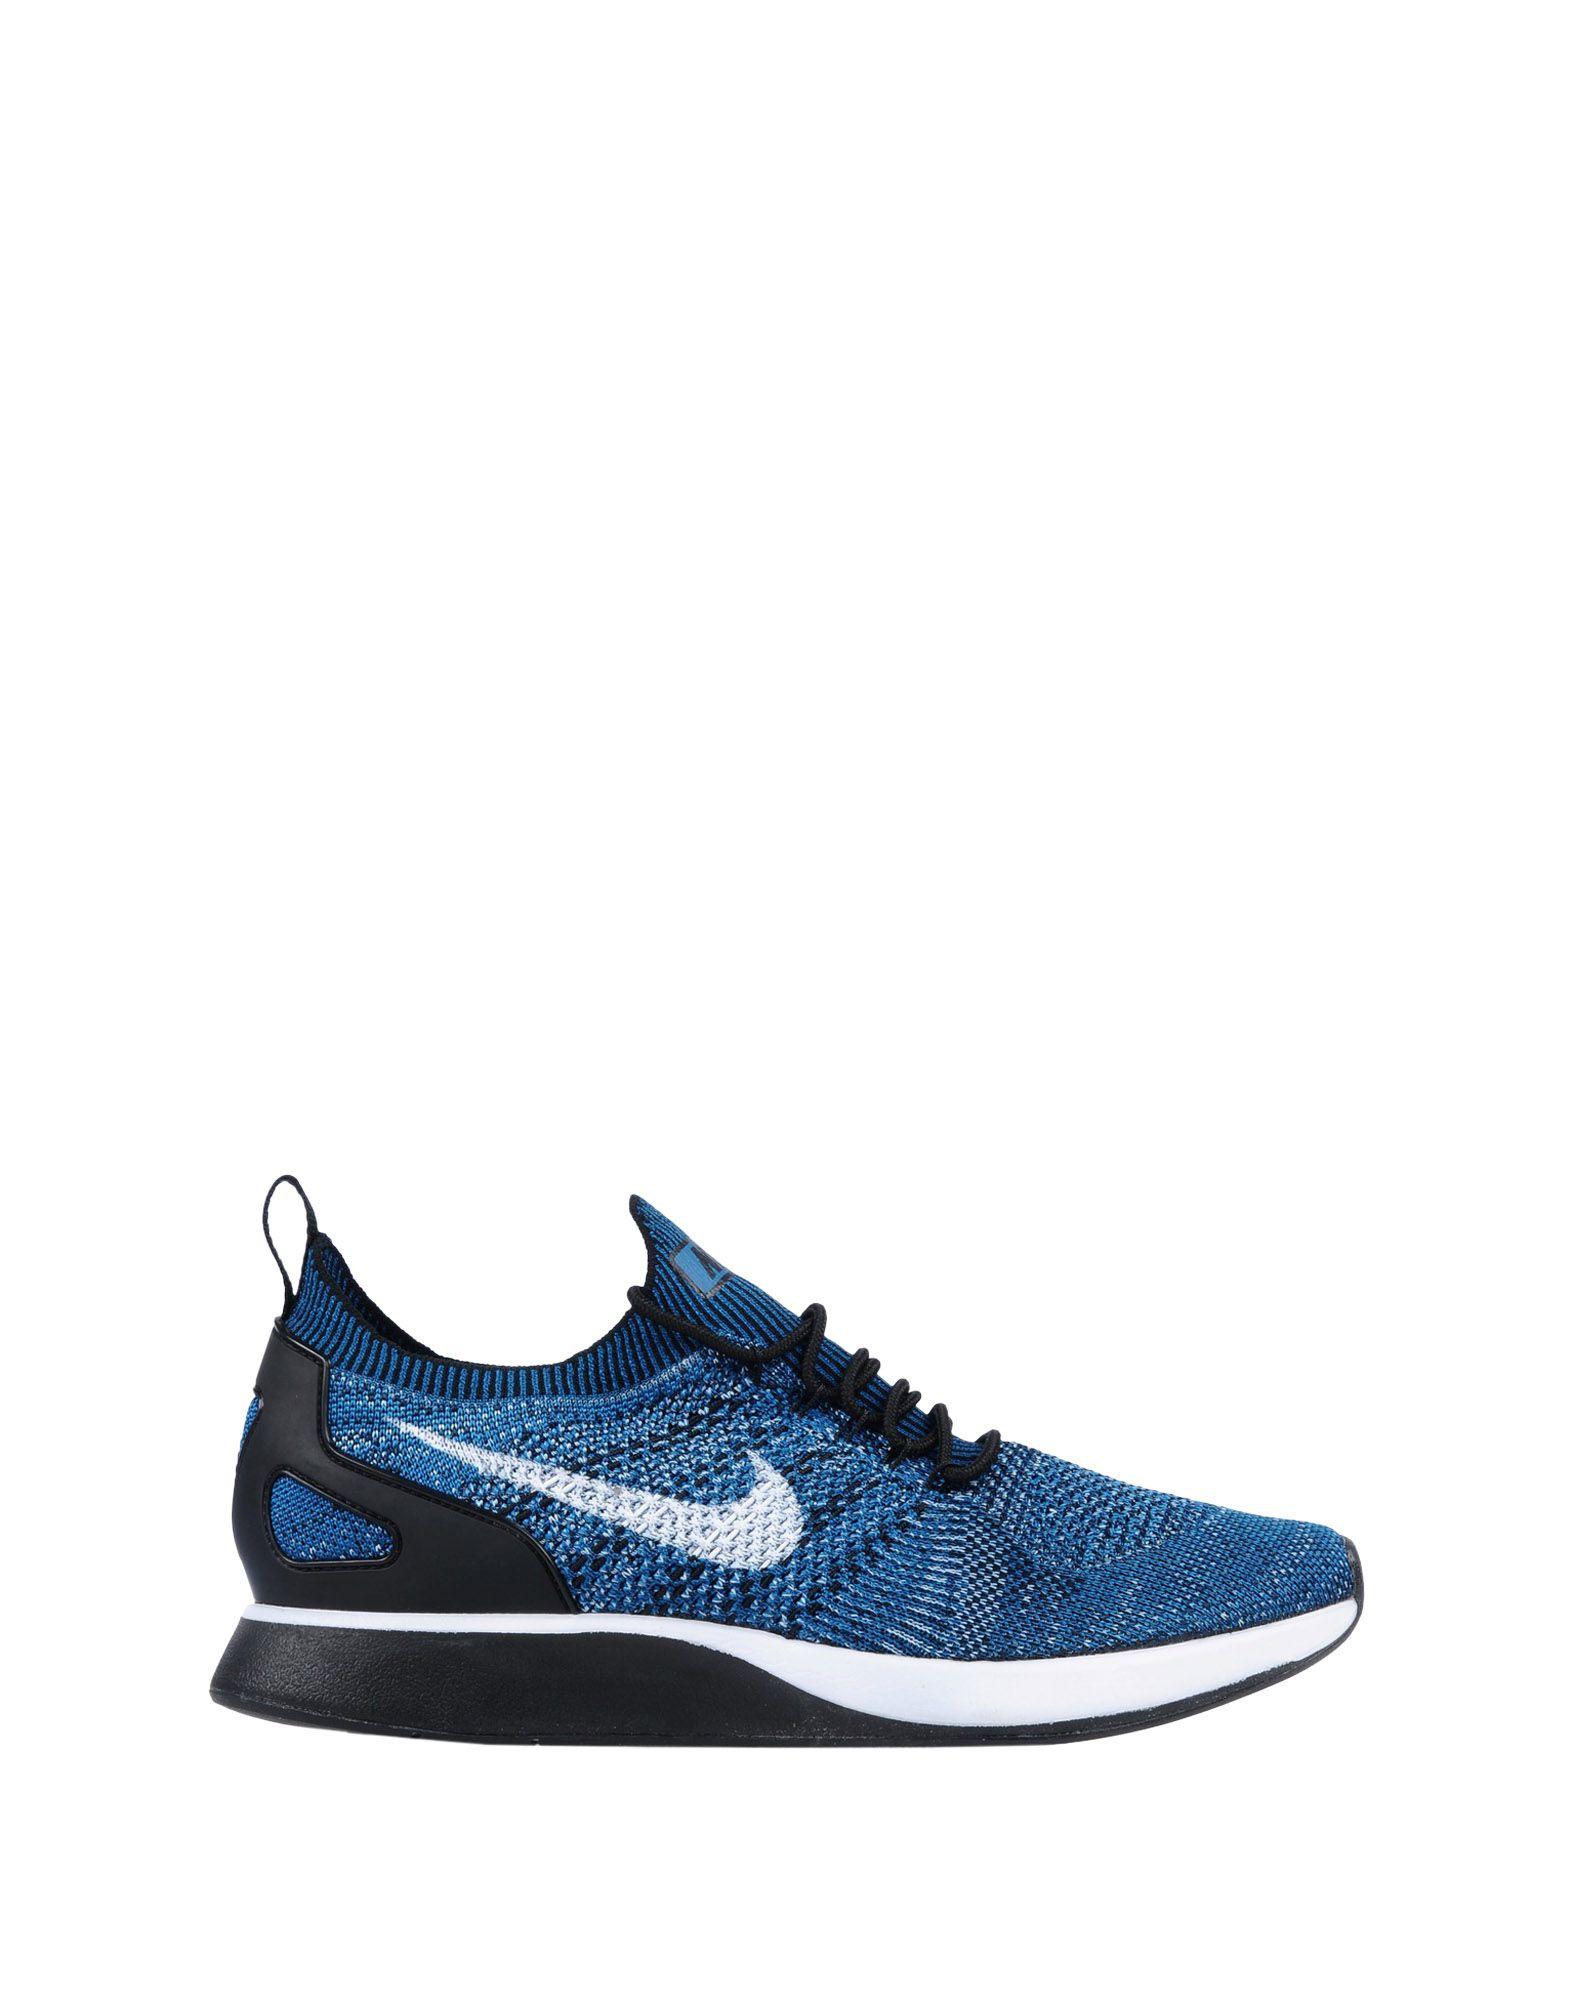 Sneakers Nike Air Zoom Mariah Flyknit Racer - Homme - Sneakers Nike sur